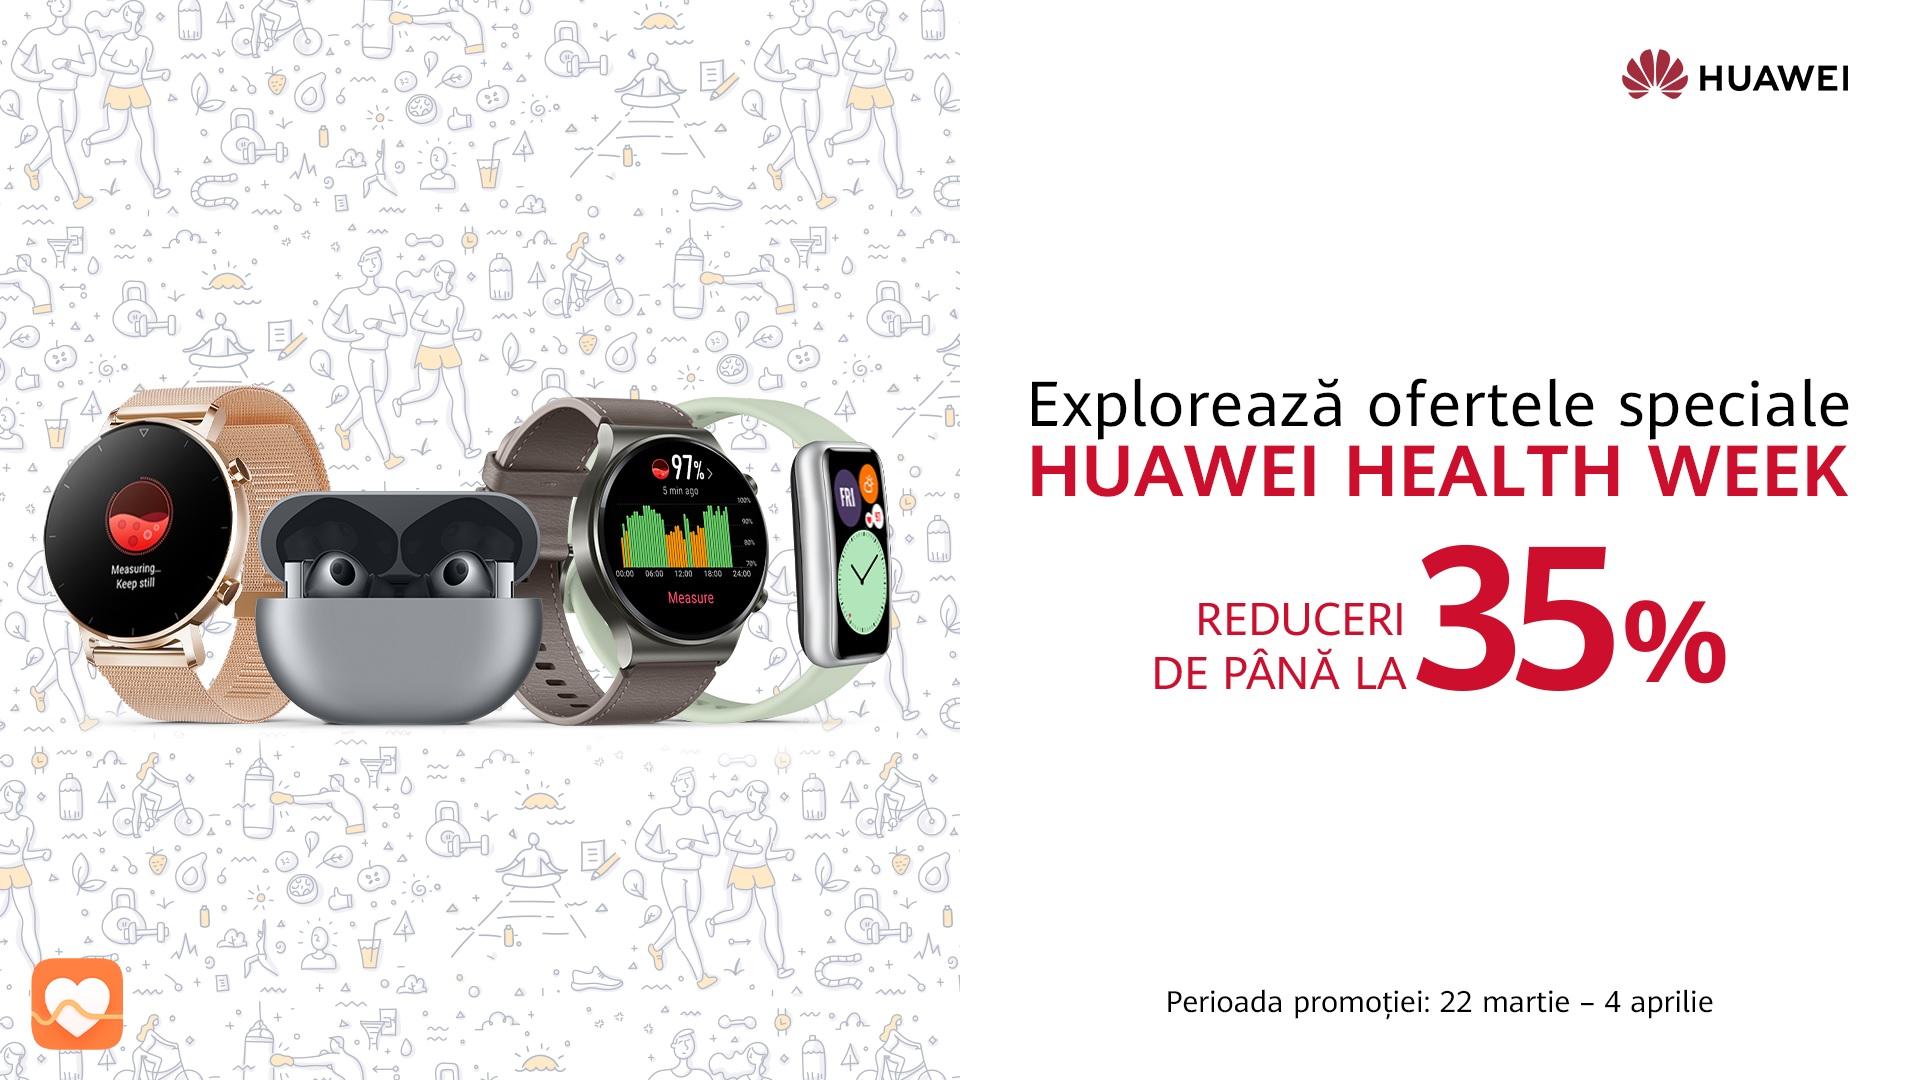 Huawei Health Week – oferte speciale și discount-uri la dispozitivele purtabile, pentru un stil de viață mai sănătos